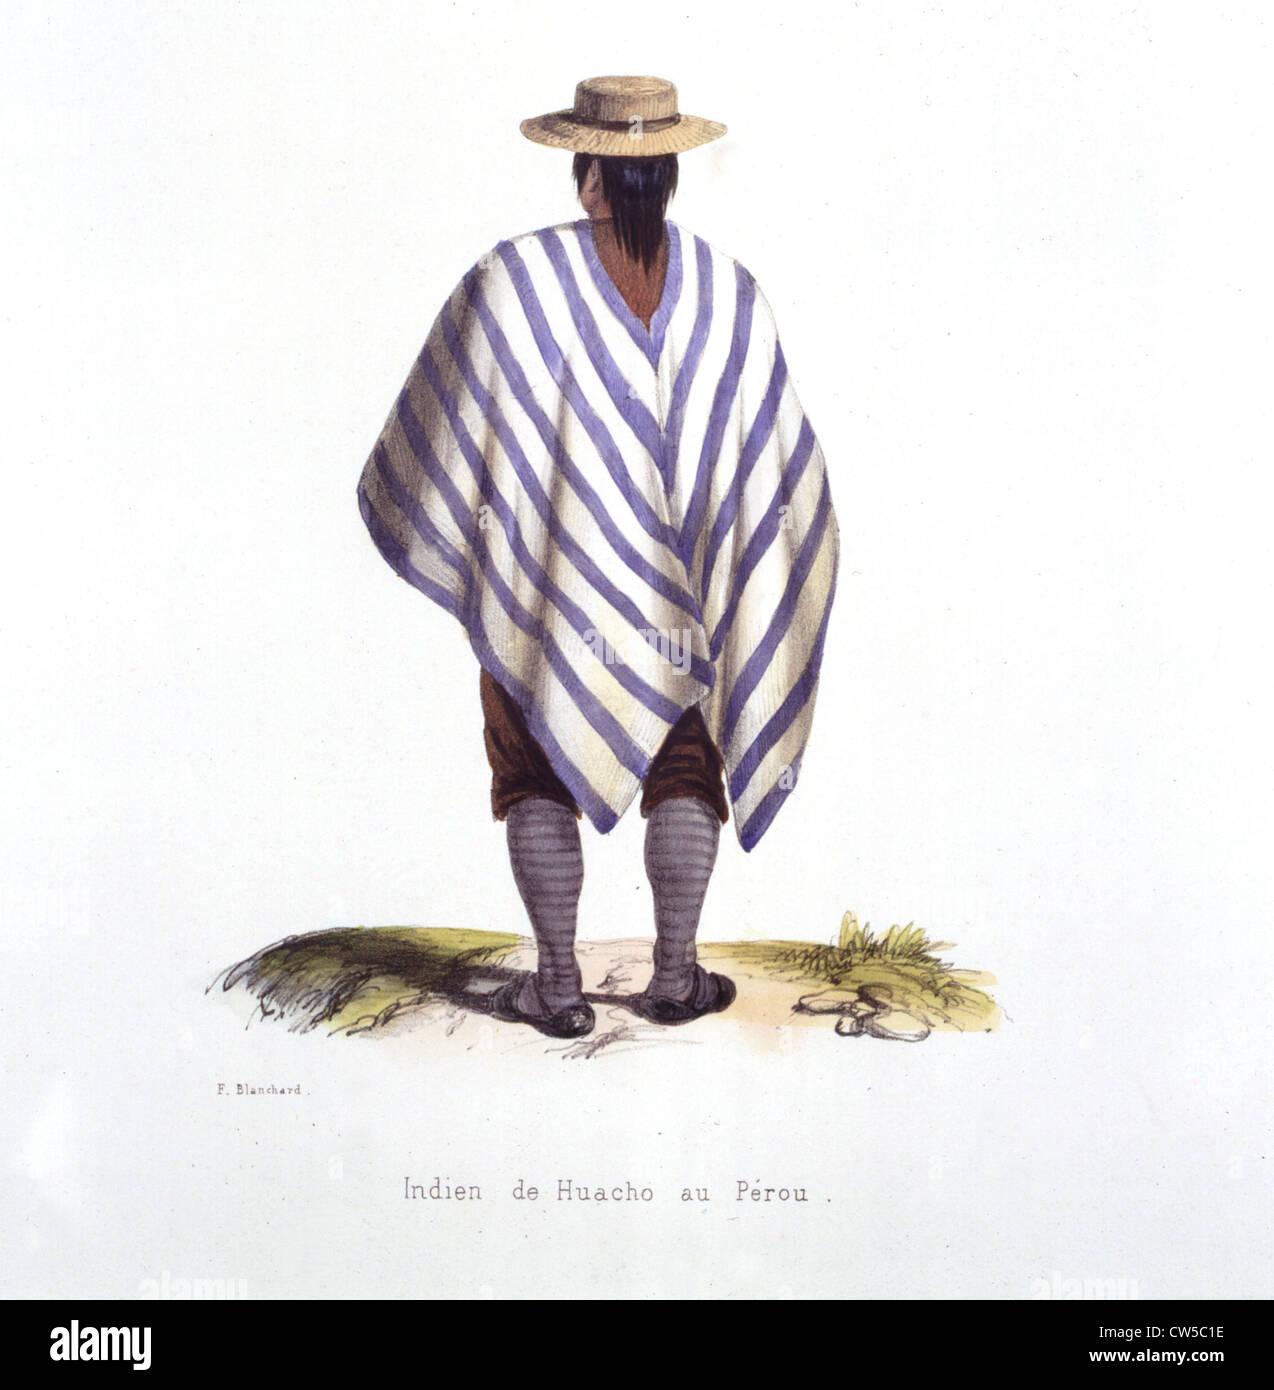 Blanchard, Huache Indian in Peru Stock Photo